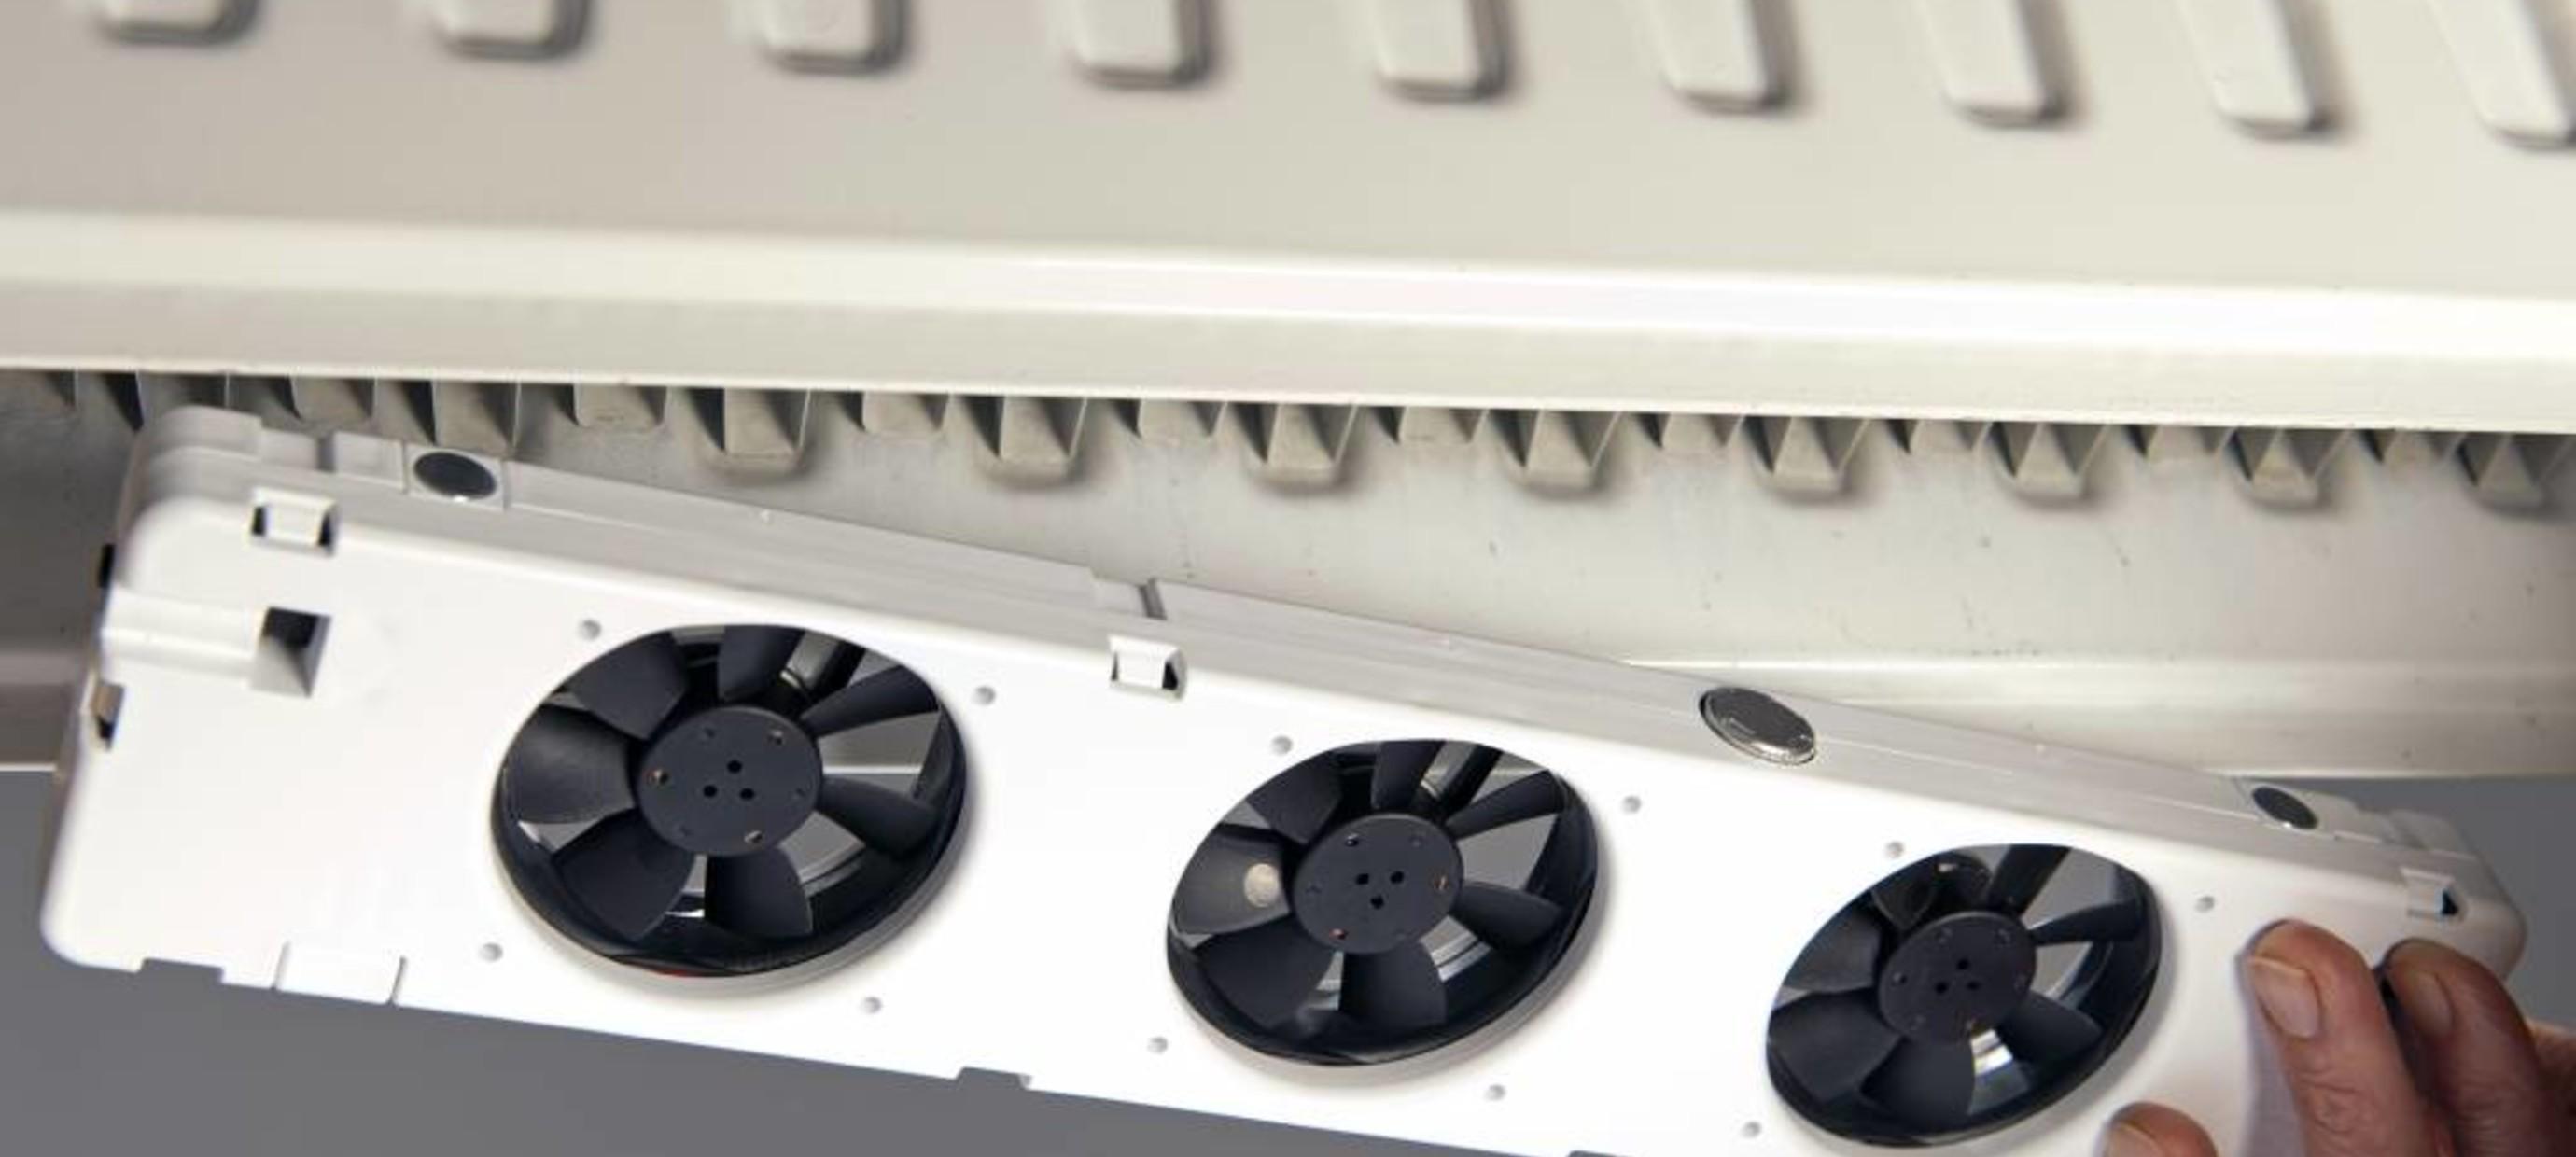 Eenvoudig te plaatsen radiator booster